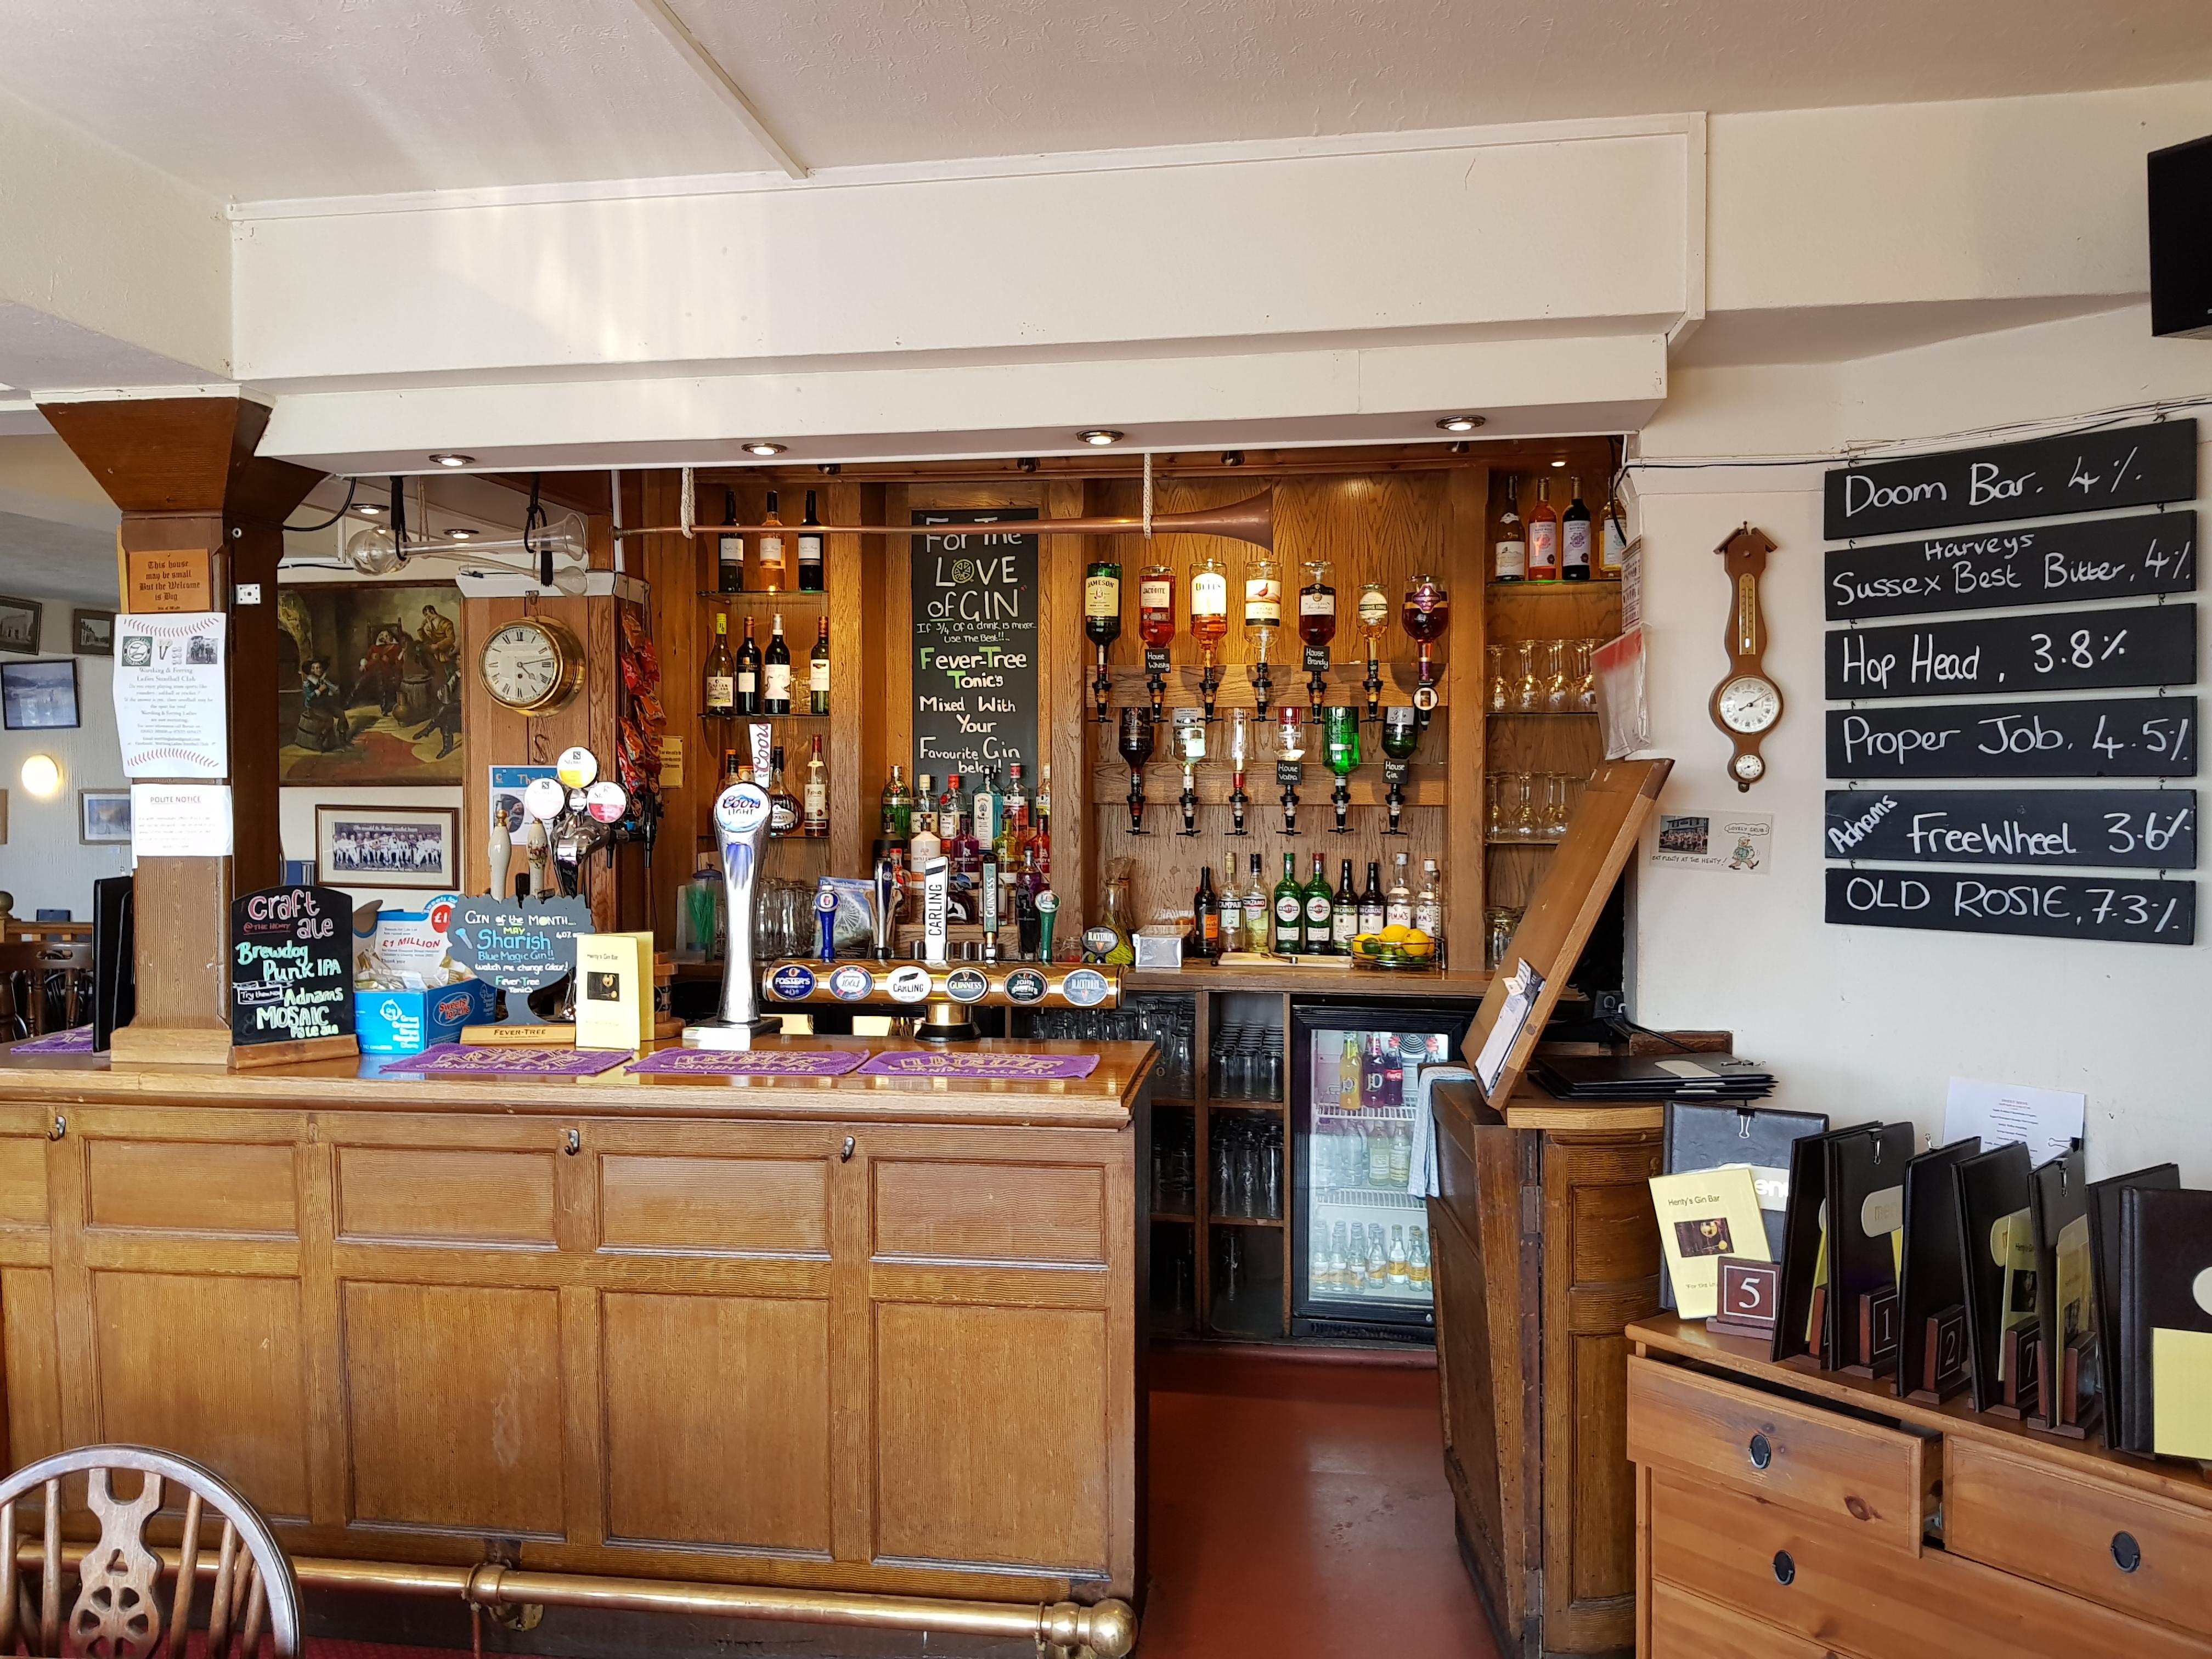 2nd Bar